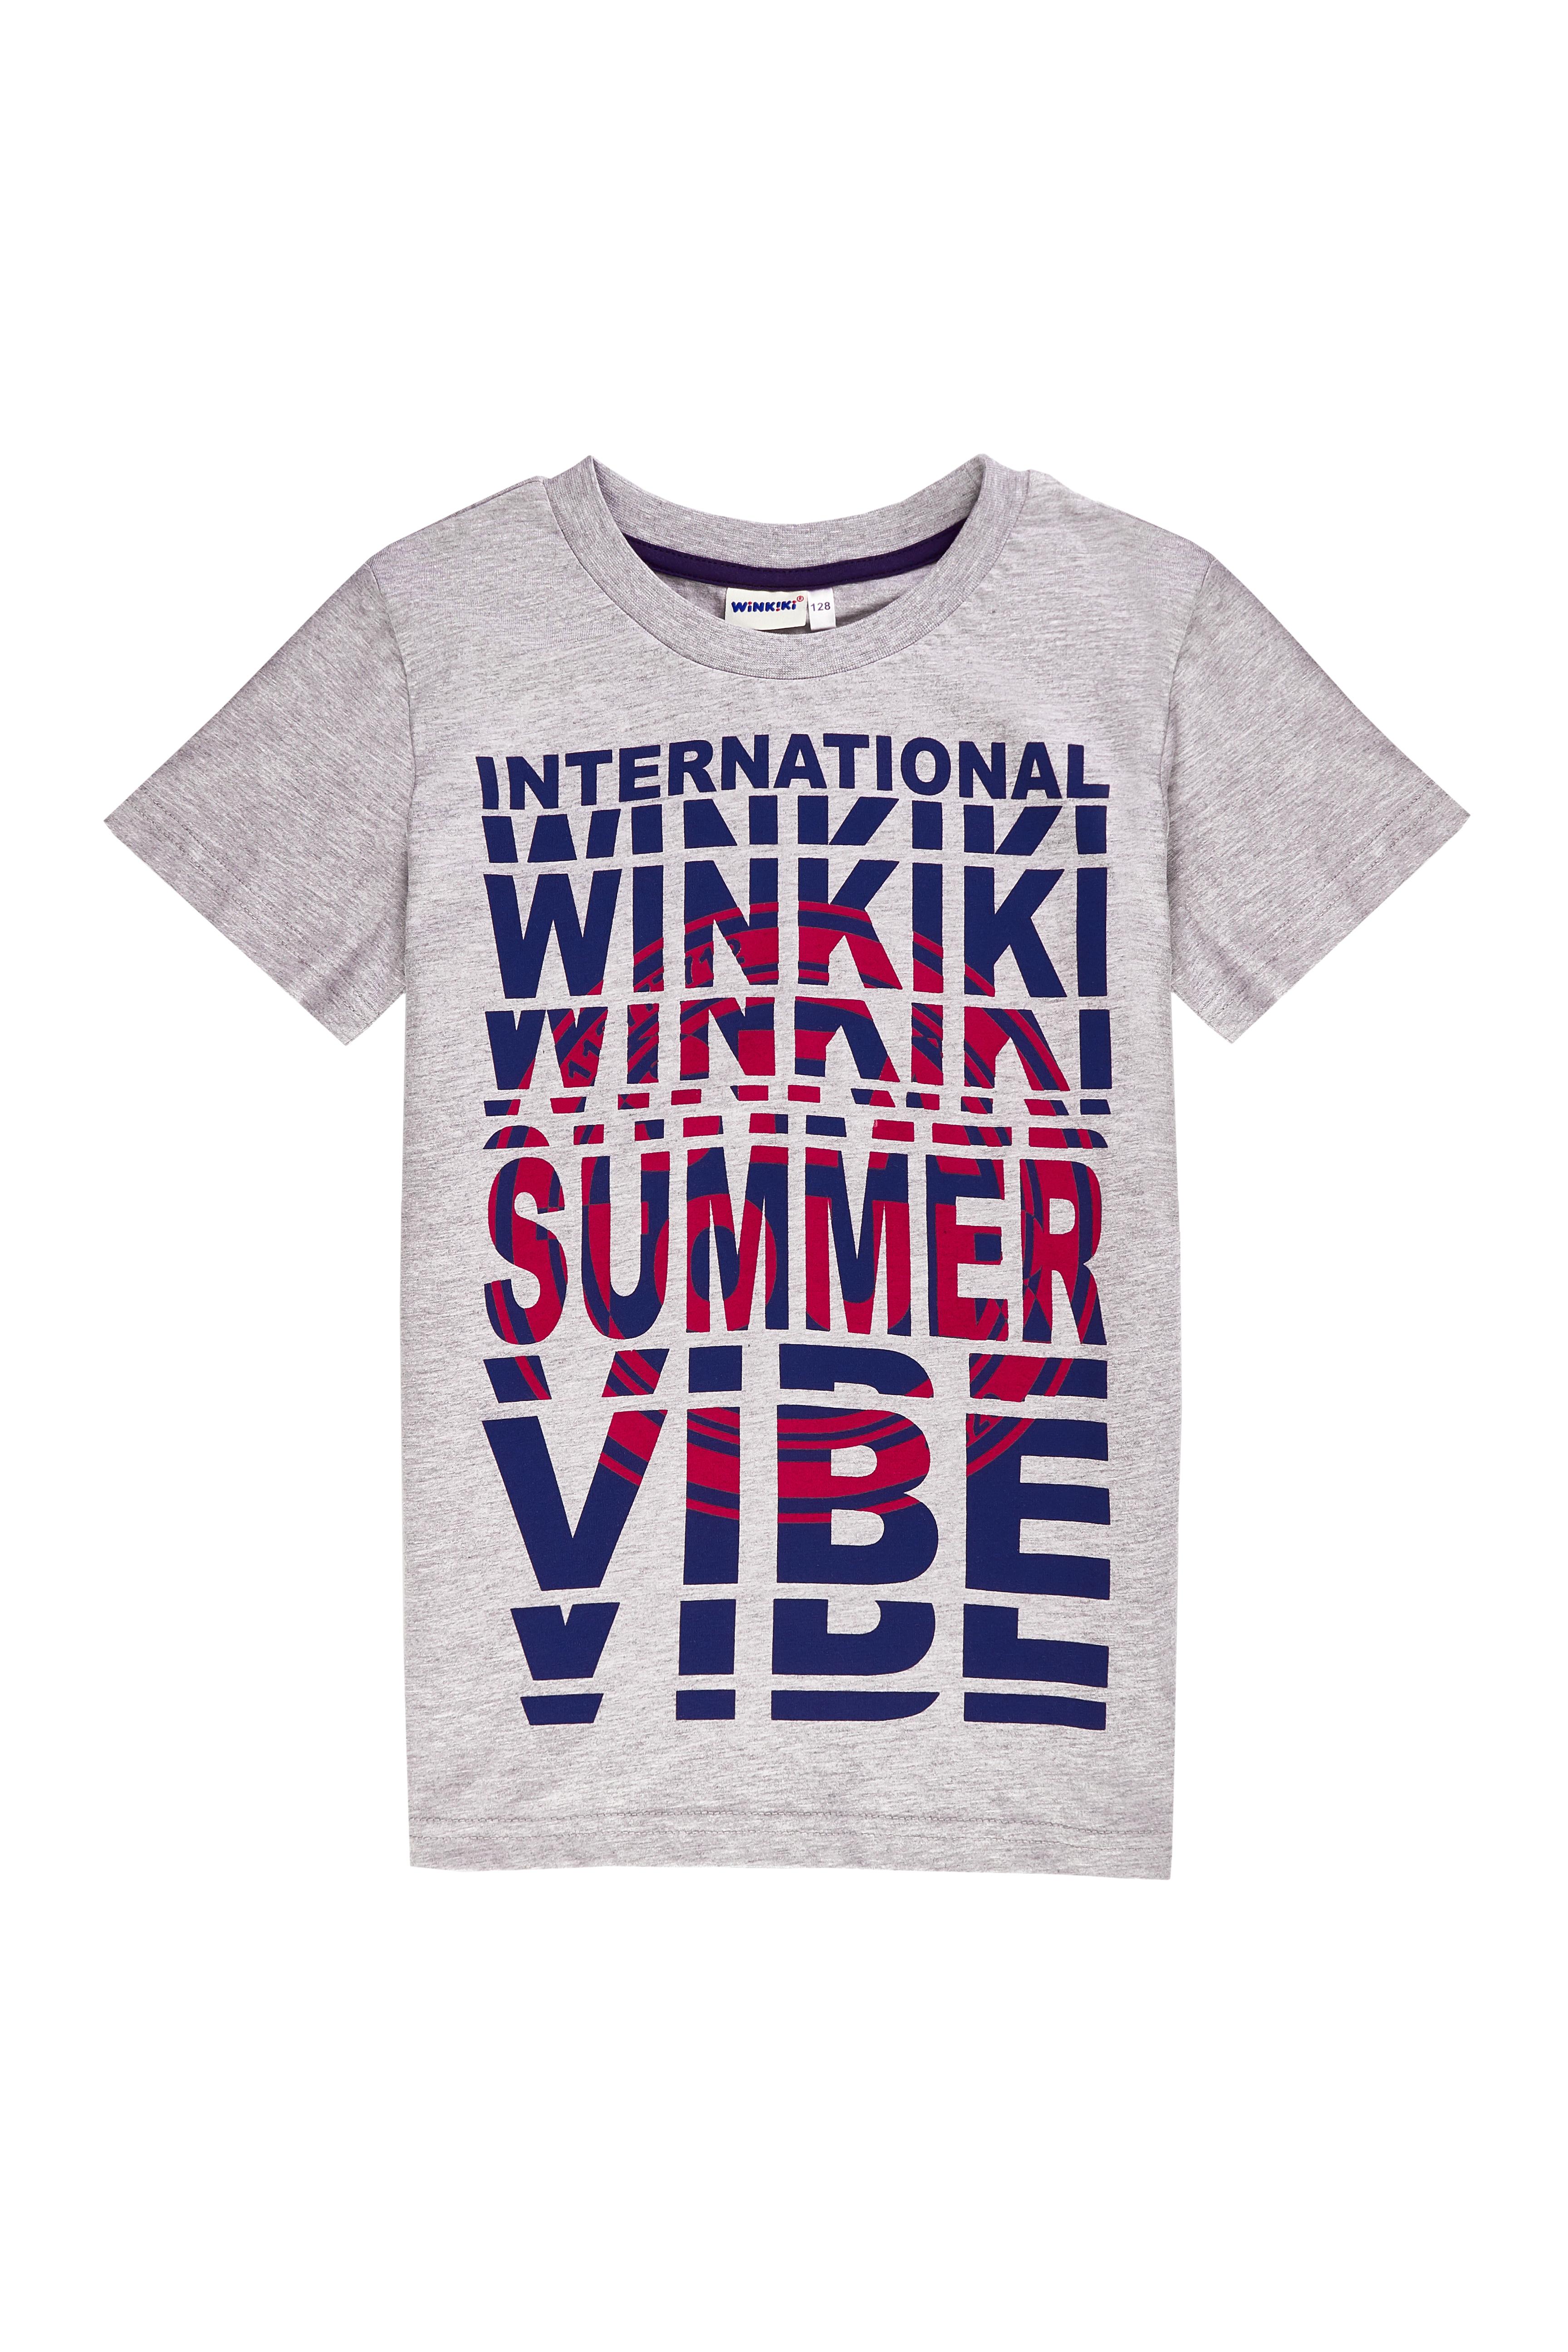 Chlapecké tričko Summer Vibe - šedá Červená, Navy, Šedý melanž